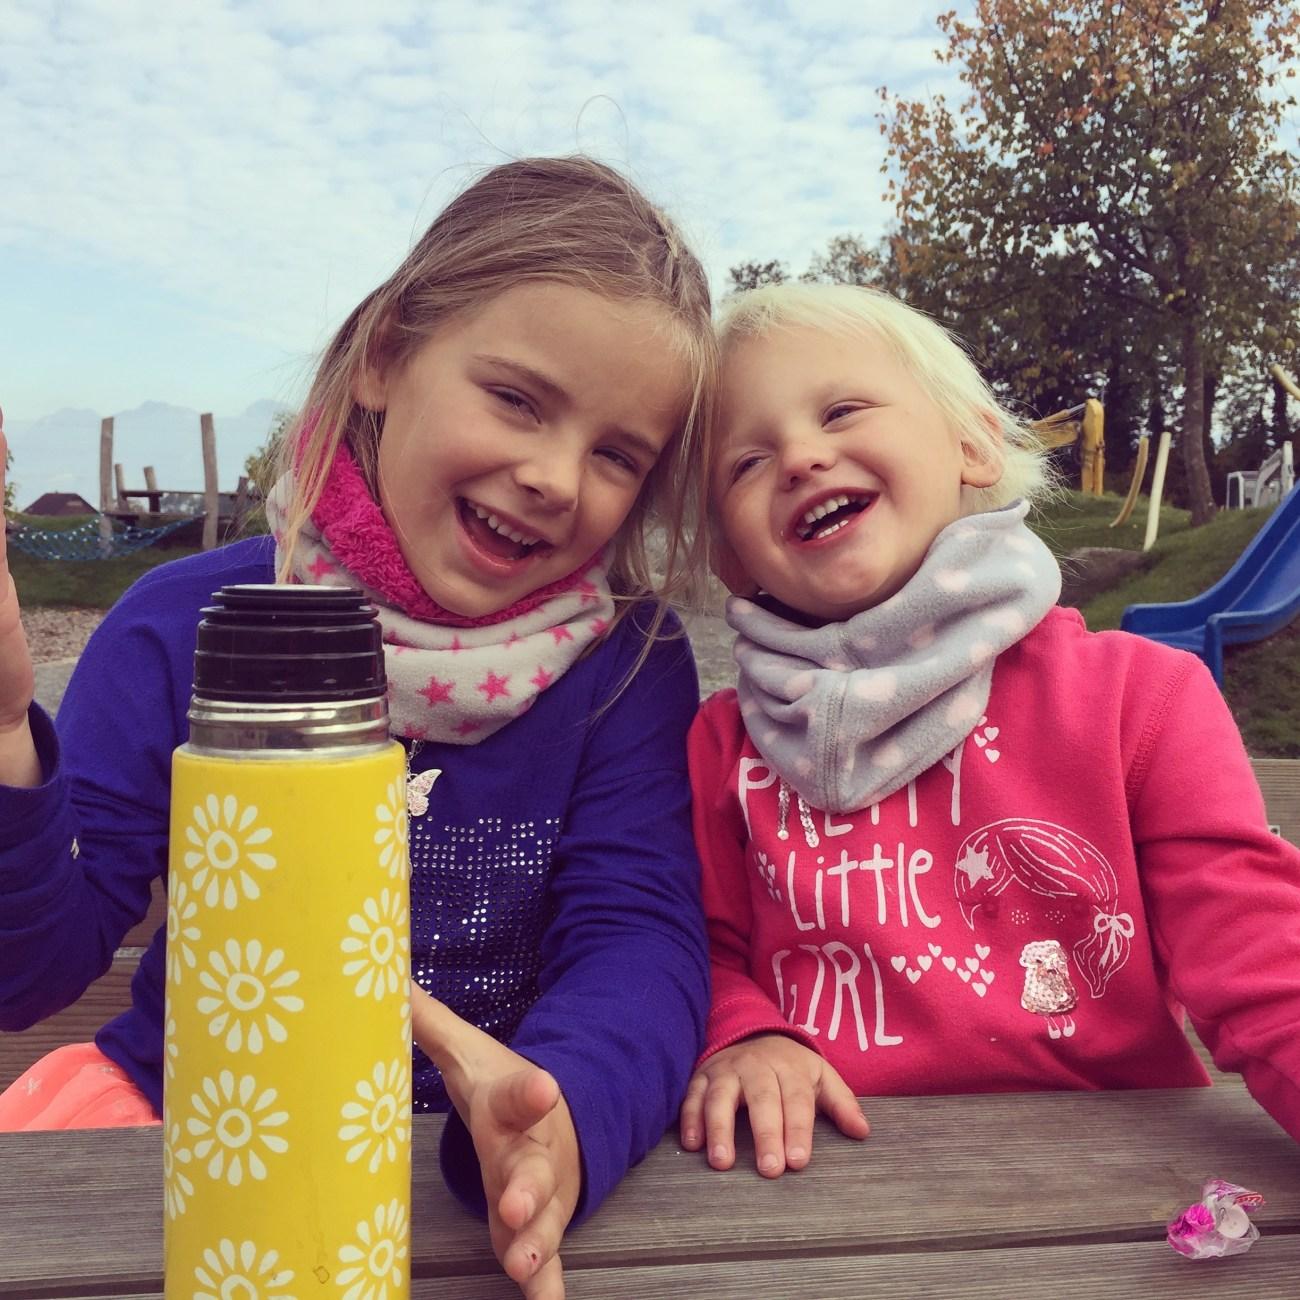 Mijn meisjes met hun kleine oogjes van verdriet. Zaterdag zocht ik overal afleiding, dus gingen we naar de speeltuin.